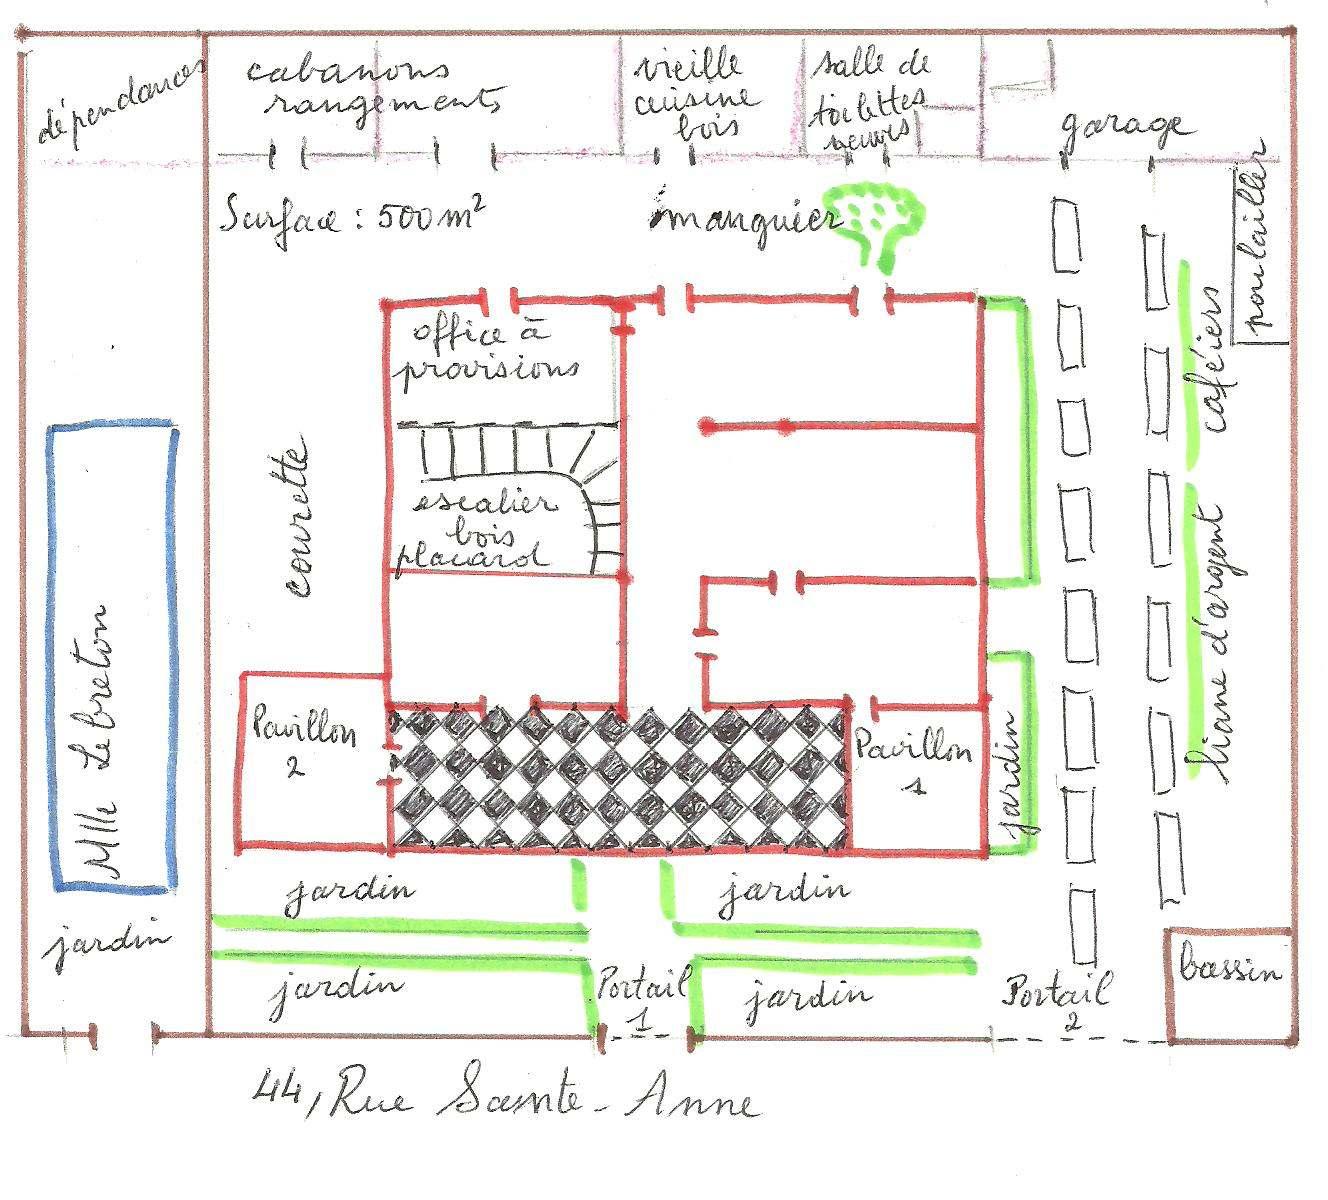 la vie d une famille dans le st denis des annees 1950 defense patrimoine reunion974 39 s blog. Black Bedroom Furniture Sets. Home Design Ideas